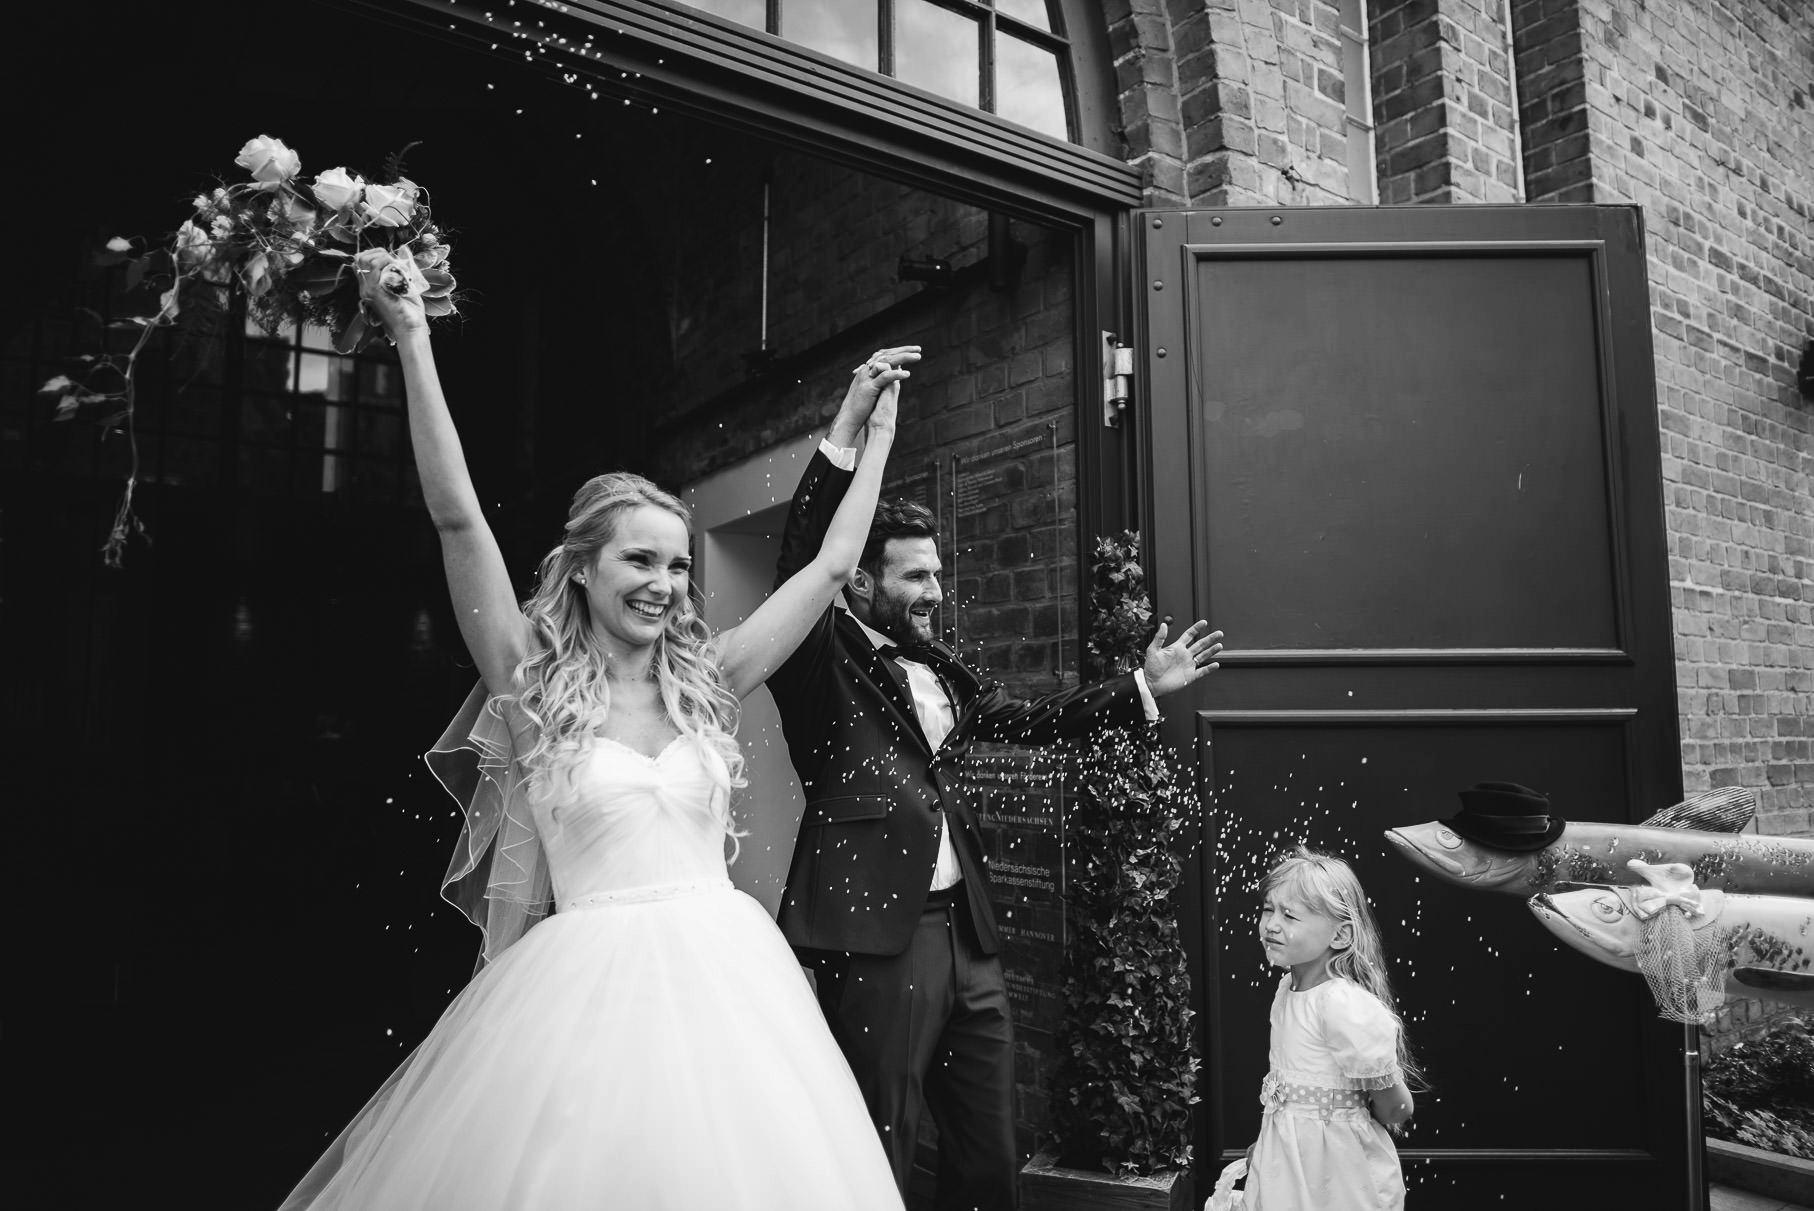 0043 jus 812 9212 bearbeitet - Hochzeit im Wasserturm Lüneburg - Jenny & Sascha